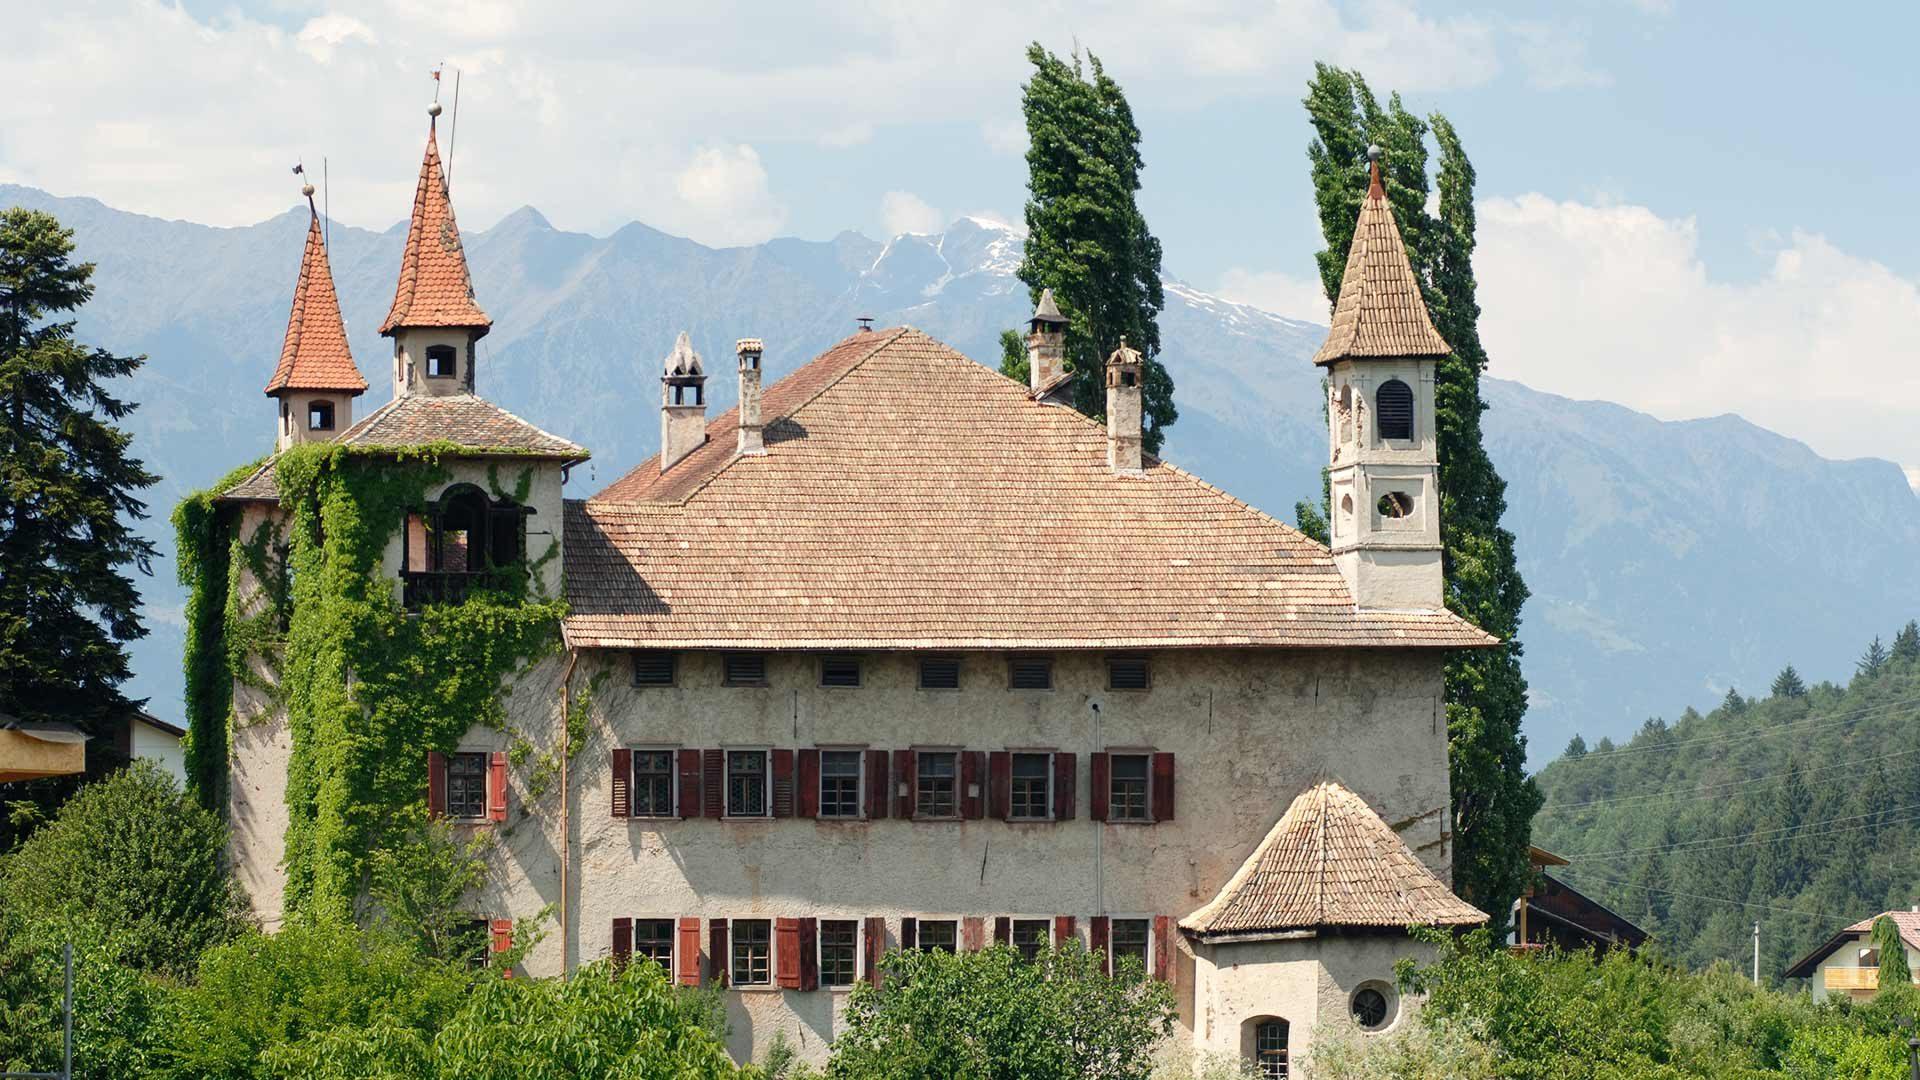 Schloss Fahlburg